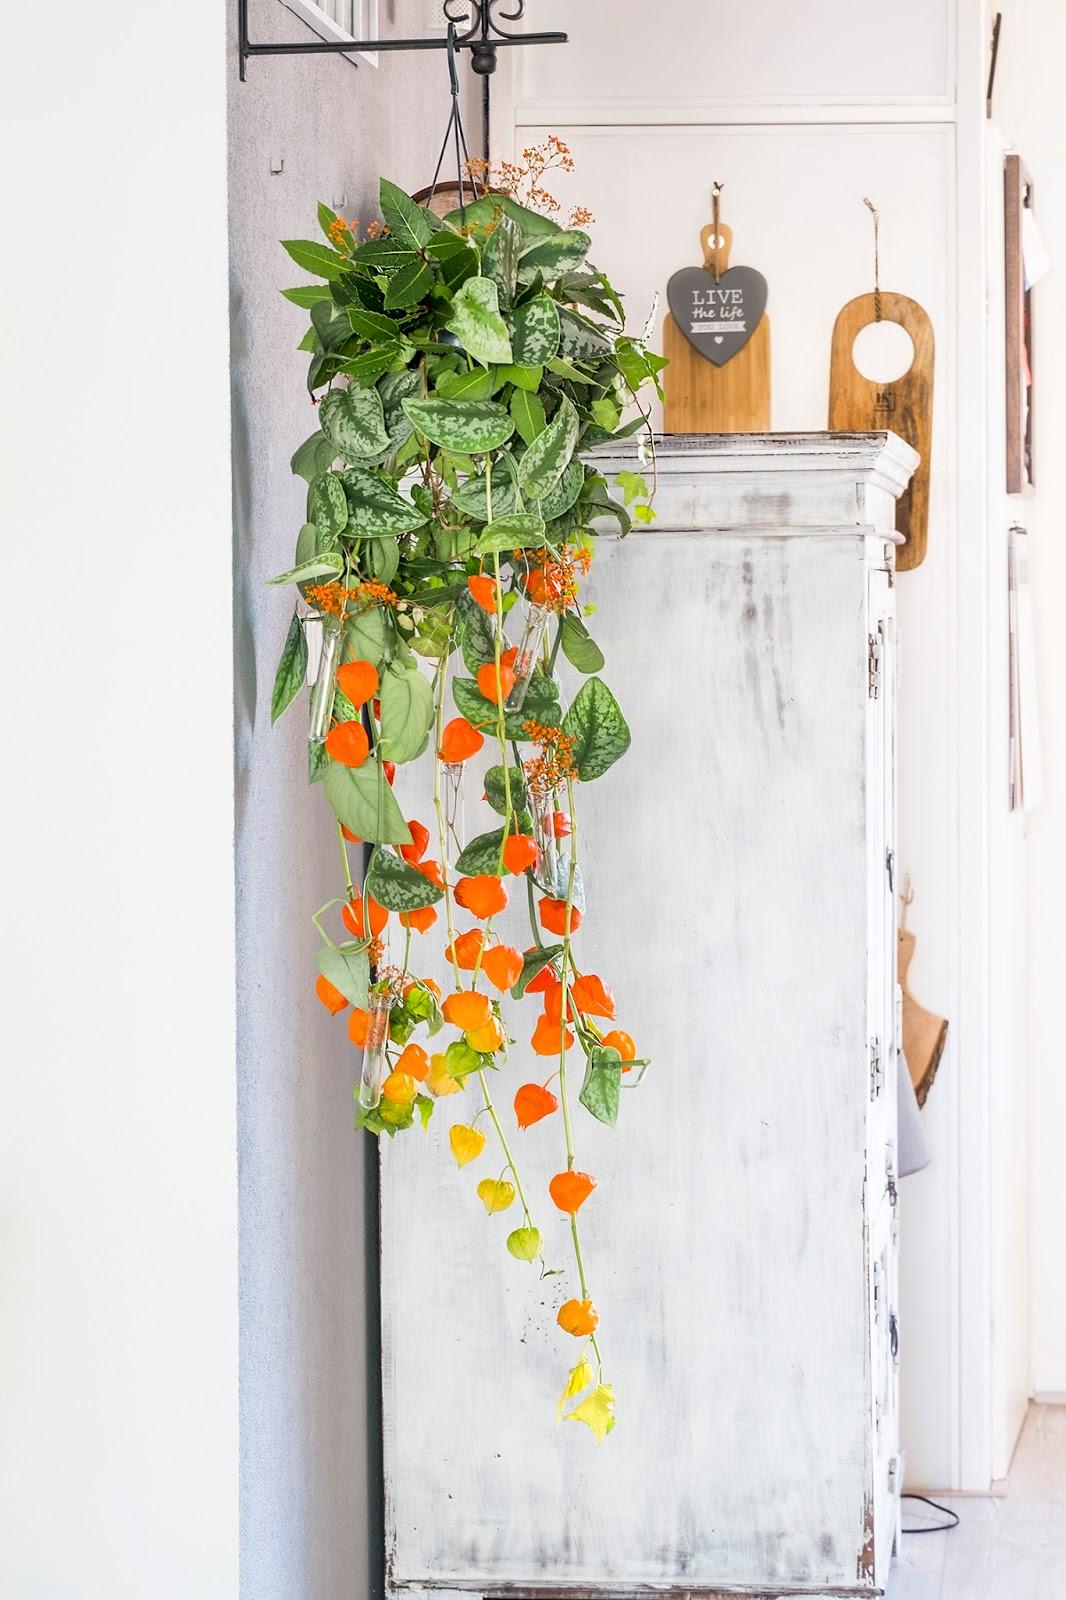 Herfst decoratie met plant en physalis (lampionnetjes)